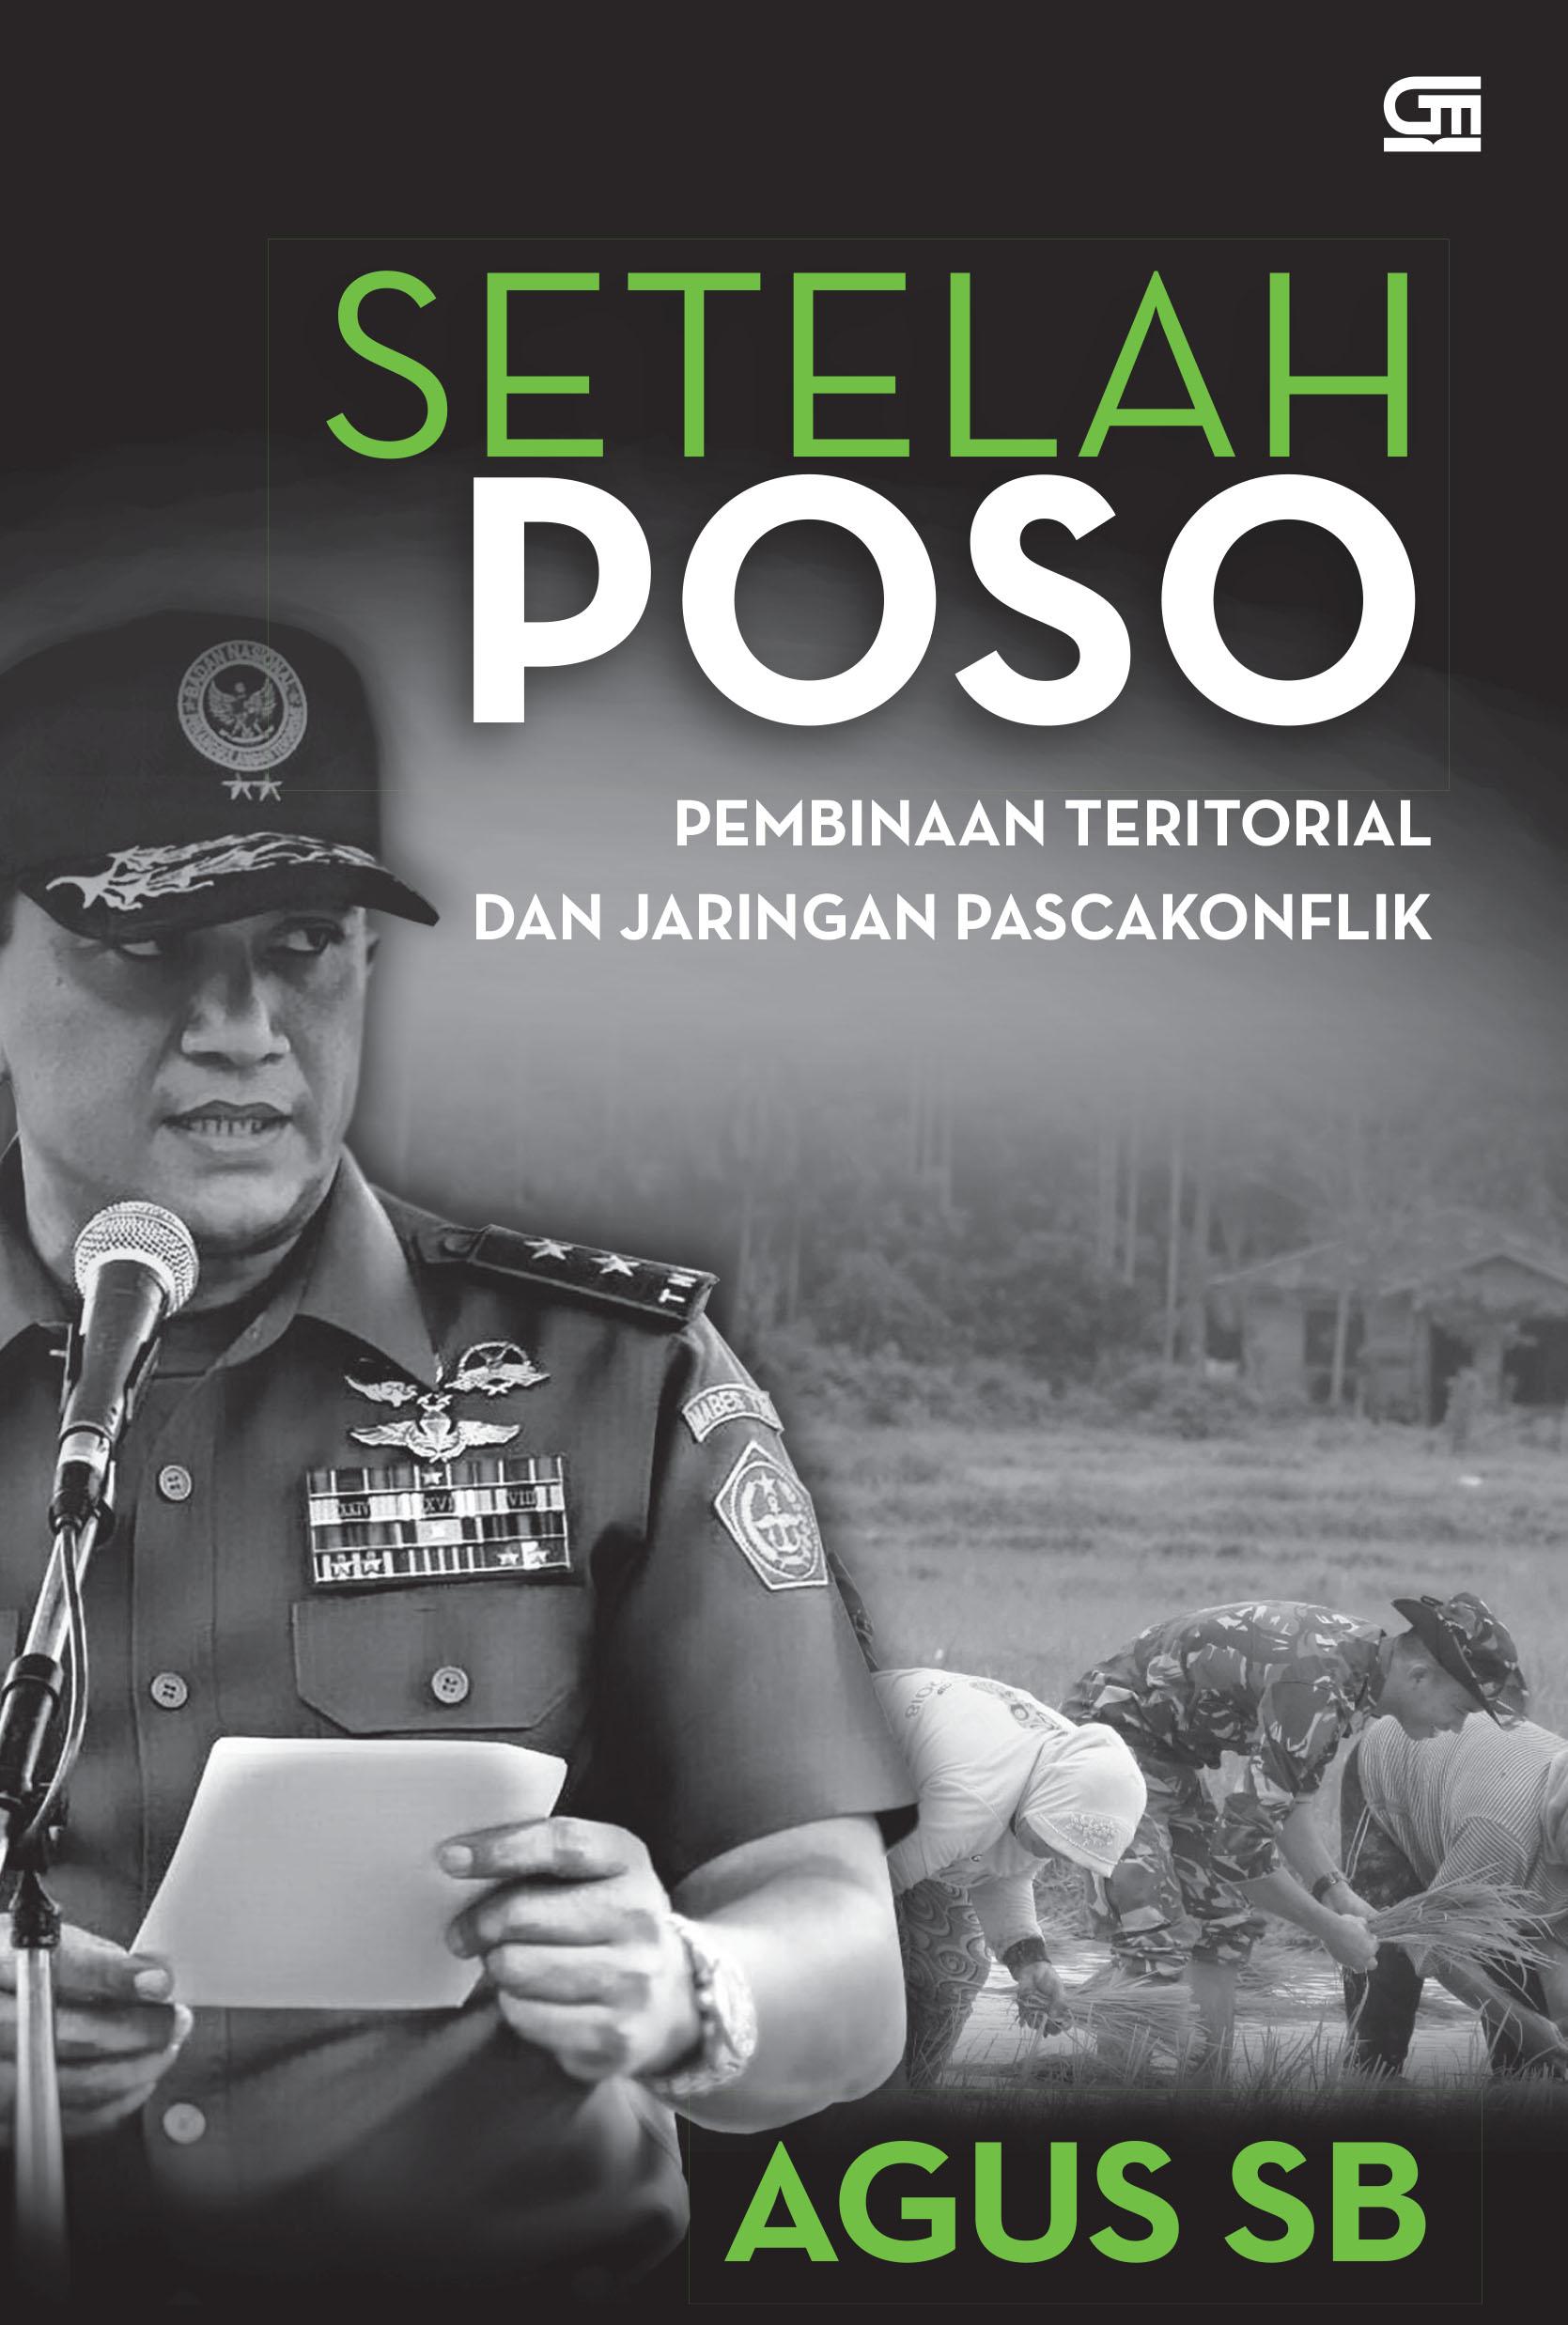 Setelah Poso: Pembinaan Teritorial dan Jaringan Pascakonflik